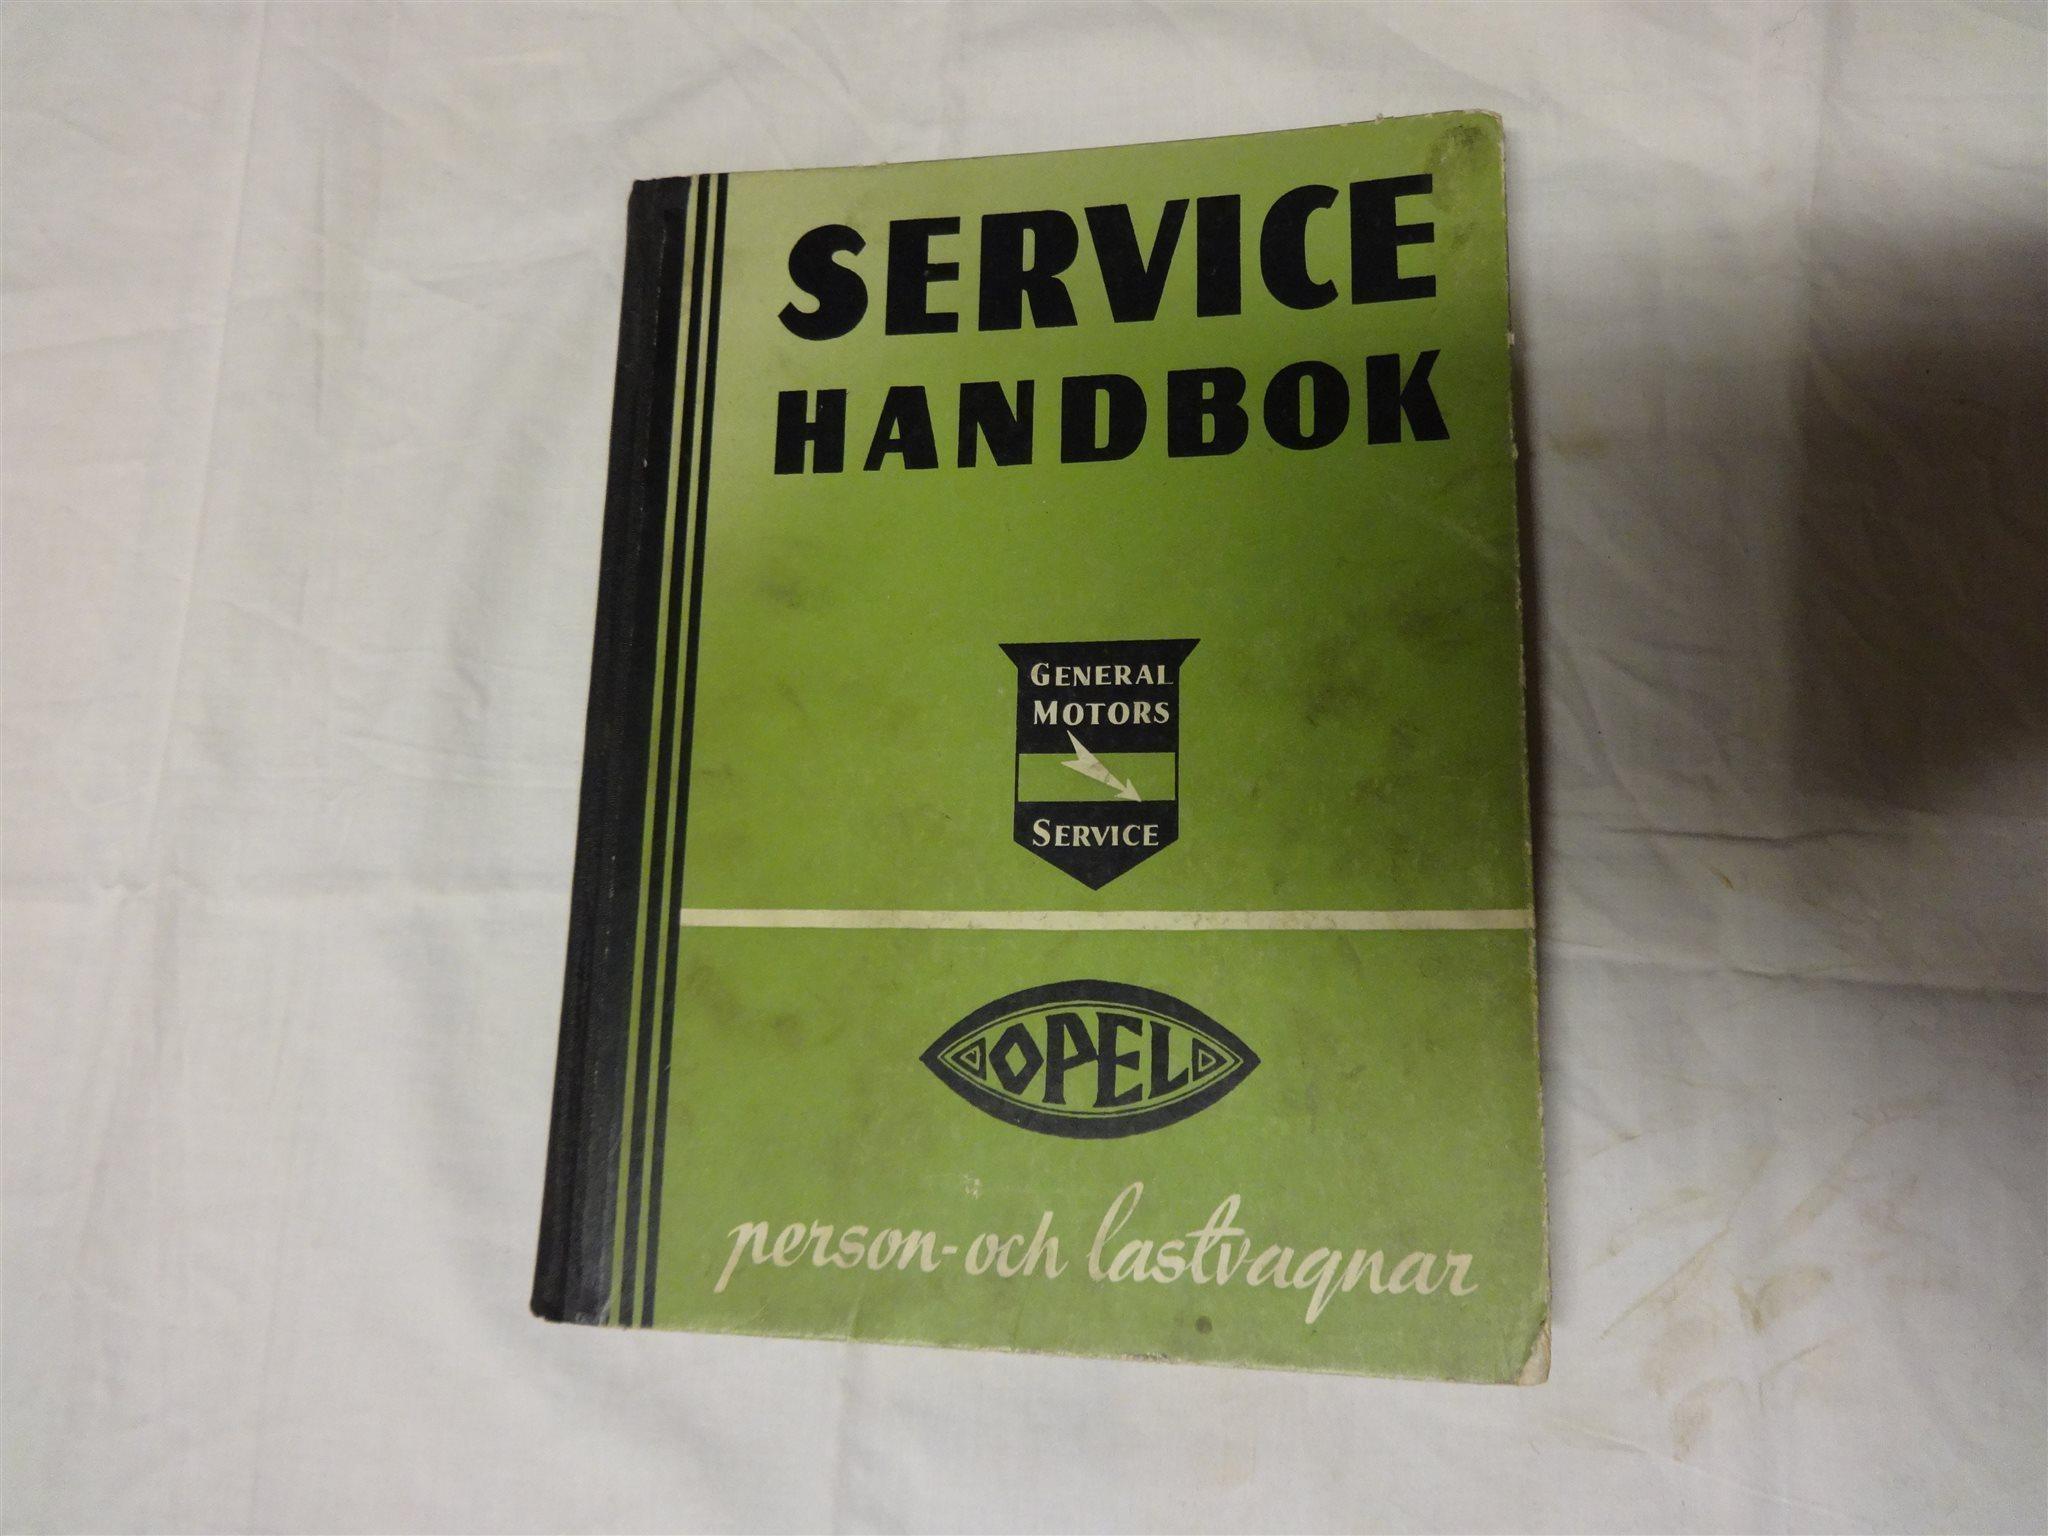 Opel servicehandbok verkstadshandbok general motors nordiska 1931 - 1940